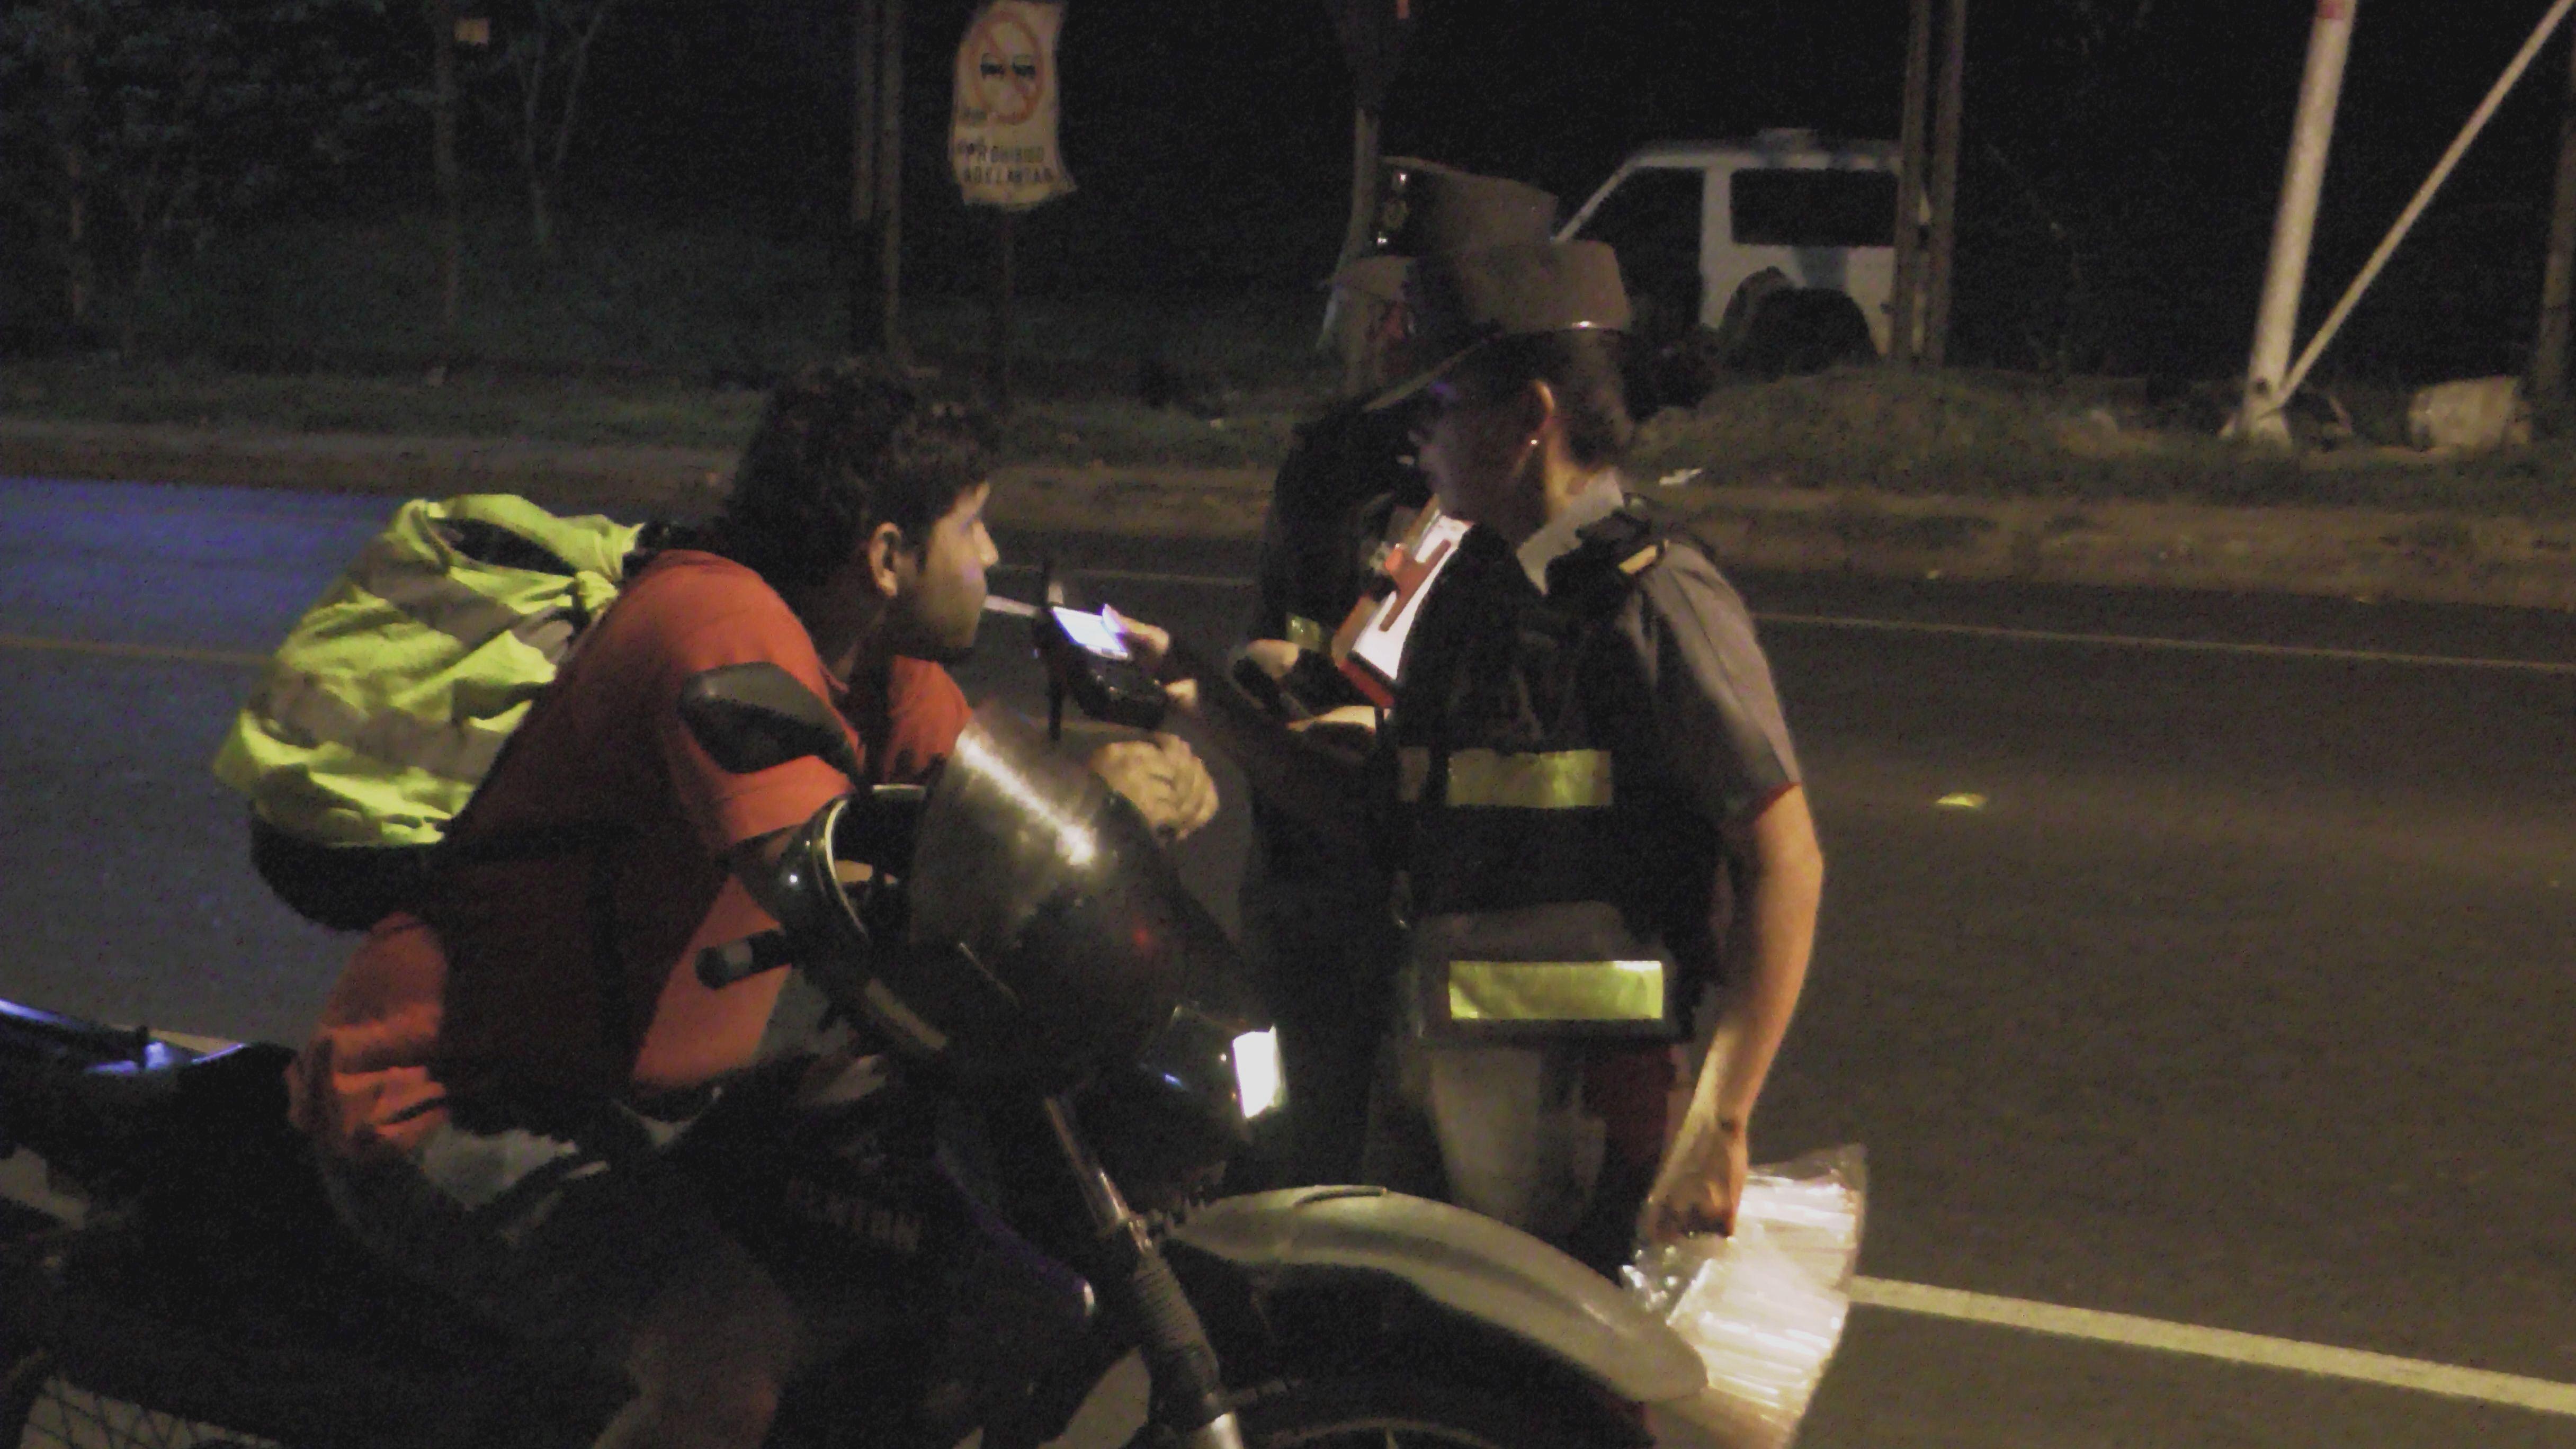 Caminera retuvo a 313 conductores borrachos